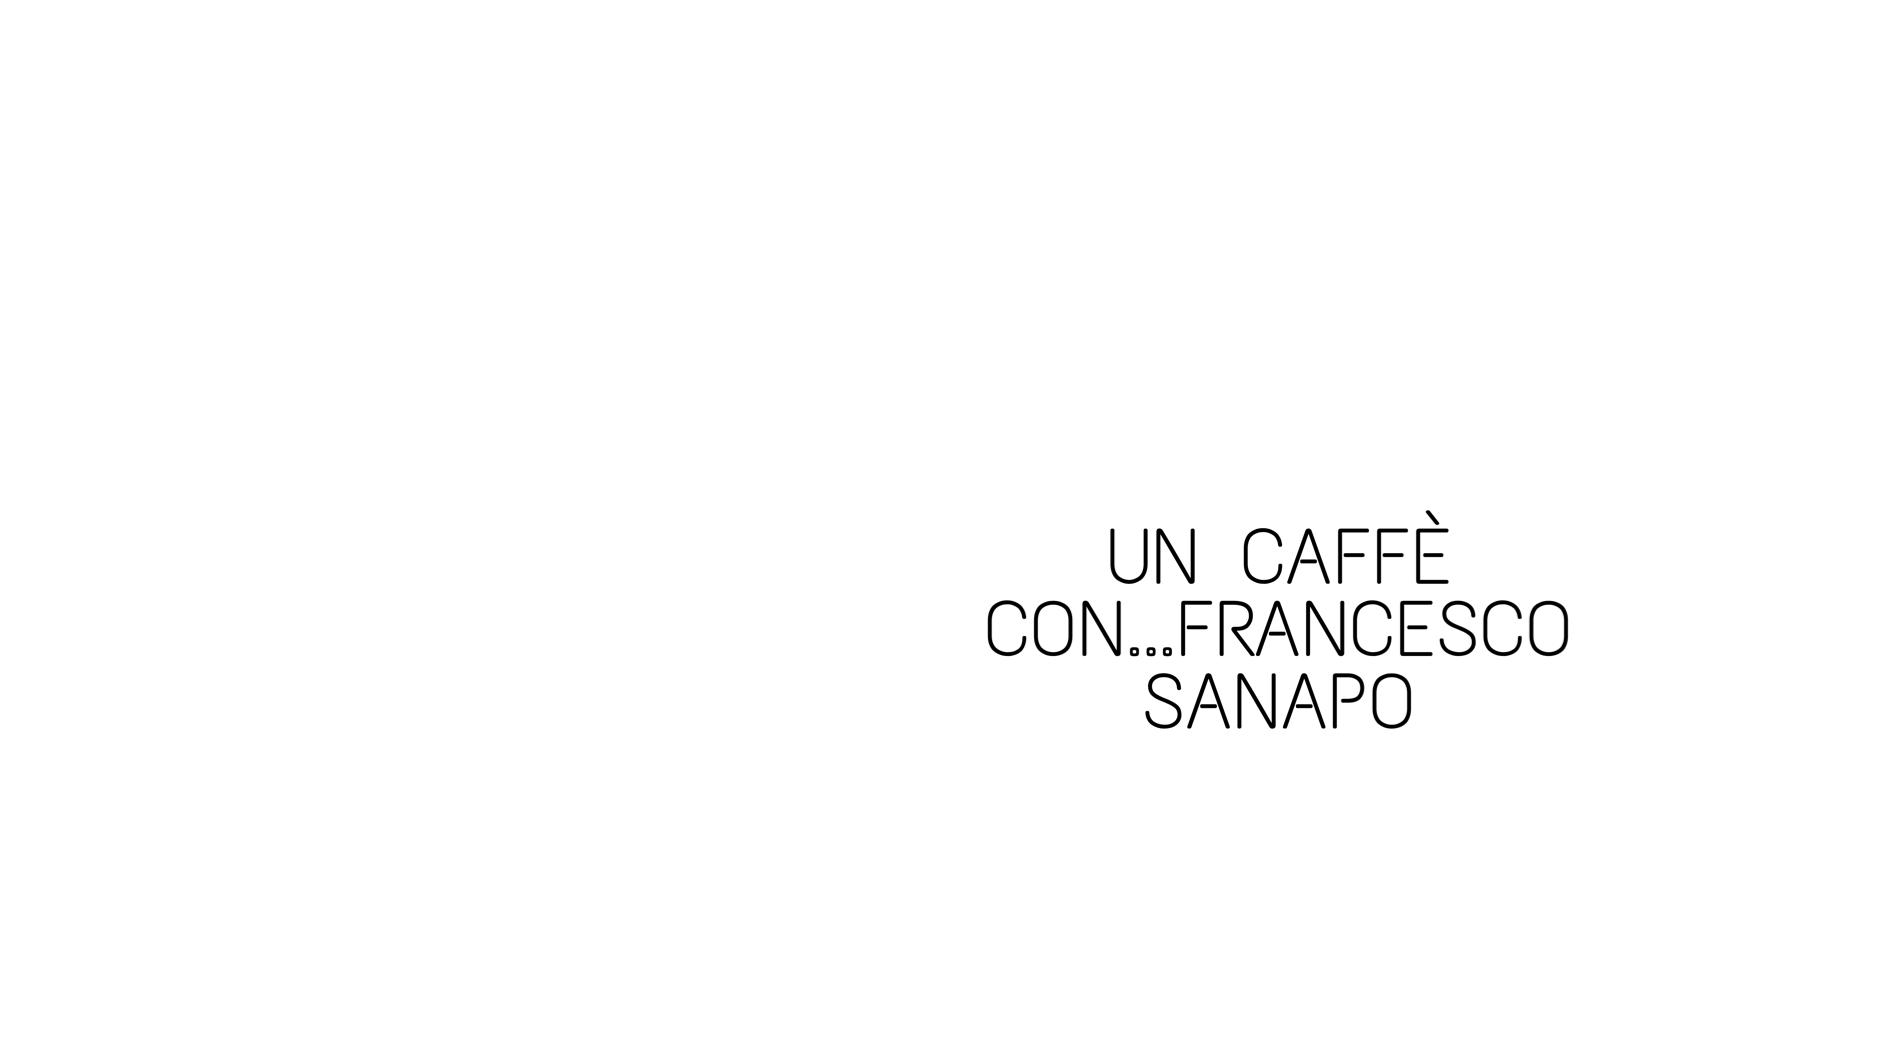 Un caffè con: Carolina Vergnano dialoga con Francesco Sanapo